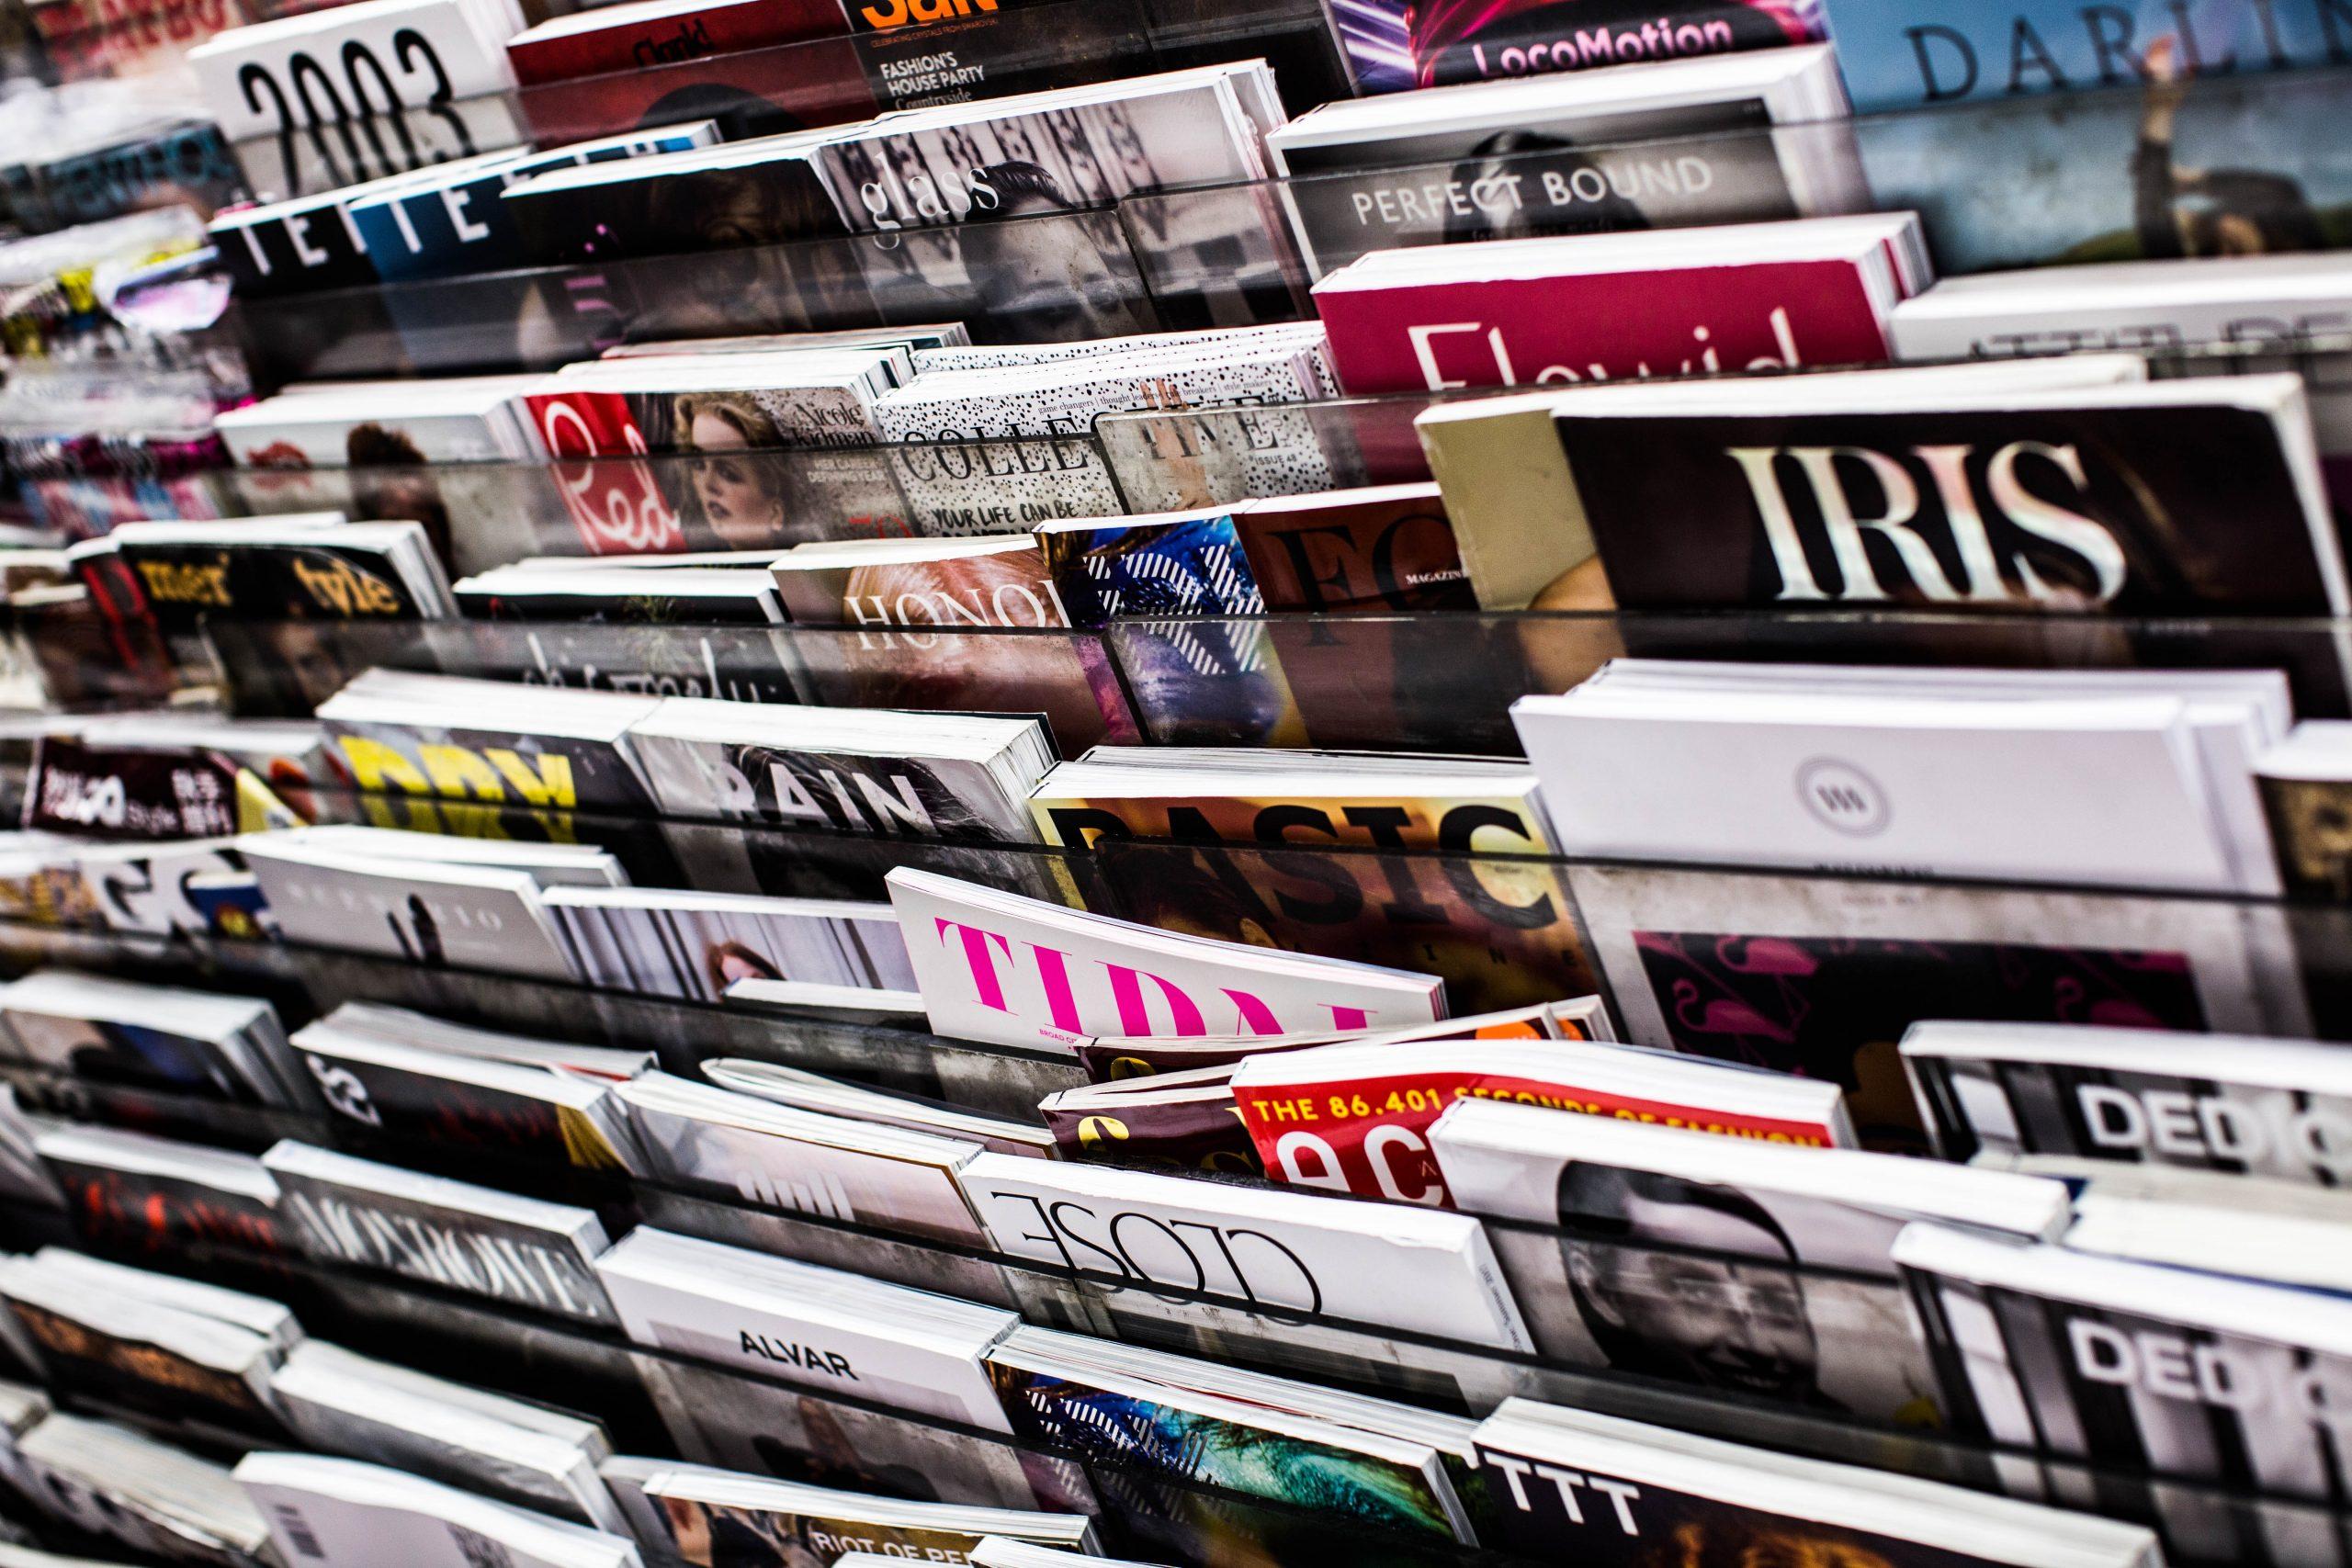 Groupe de travail «Les entreprises face au nouvel écosystème des médias» avec Sophie Pedder, Chef du bureau de Paris pour The Economist et Thomas Hanke, correspondant du Handelsblatt à Paris<